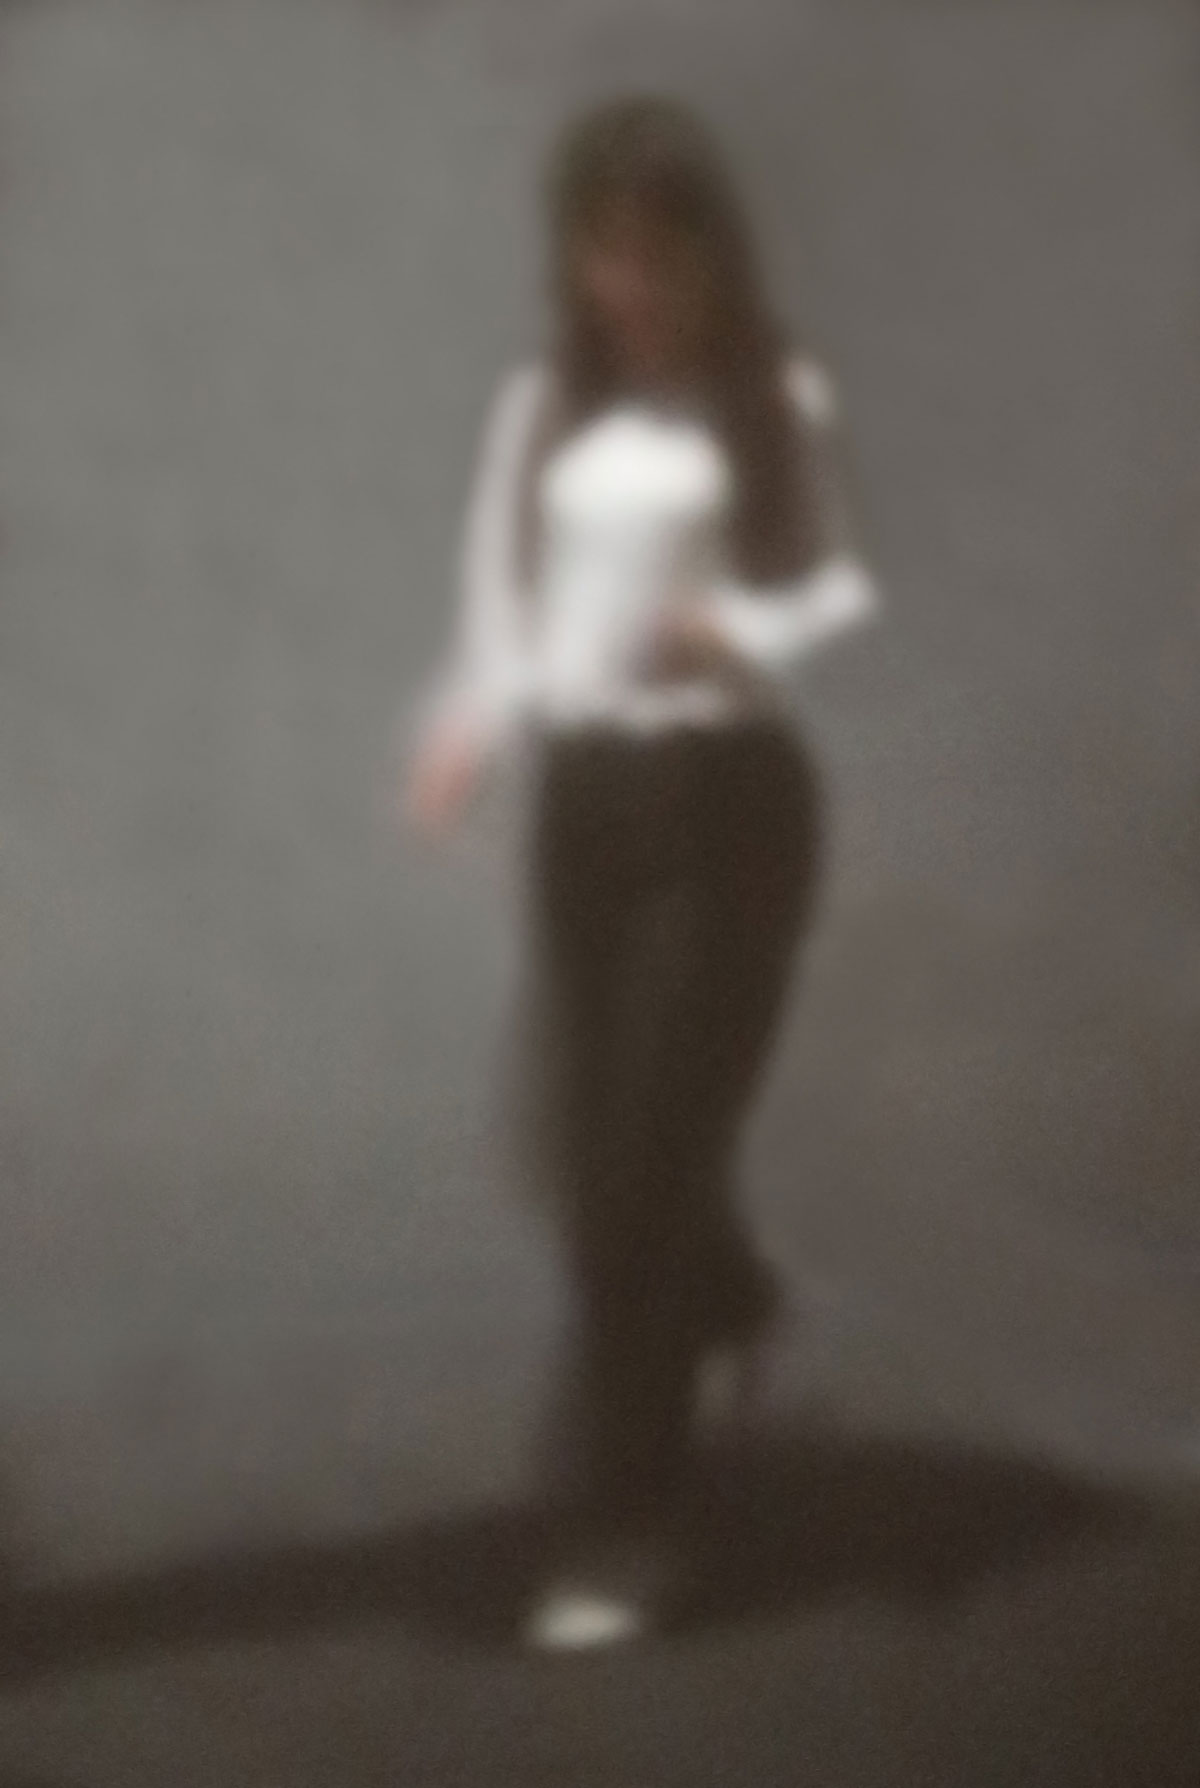 26 | new zealand series | 2020 | Camera Obscura | Pigmentdruck auf Alu-Dibond